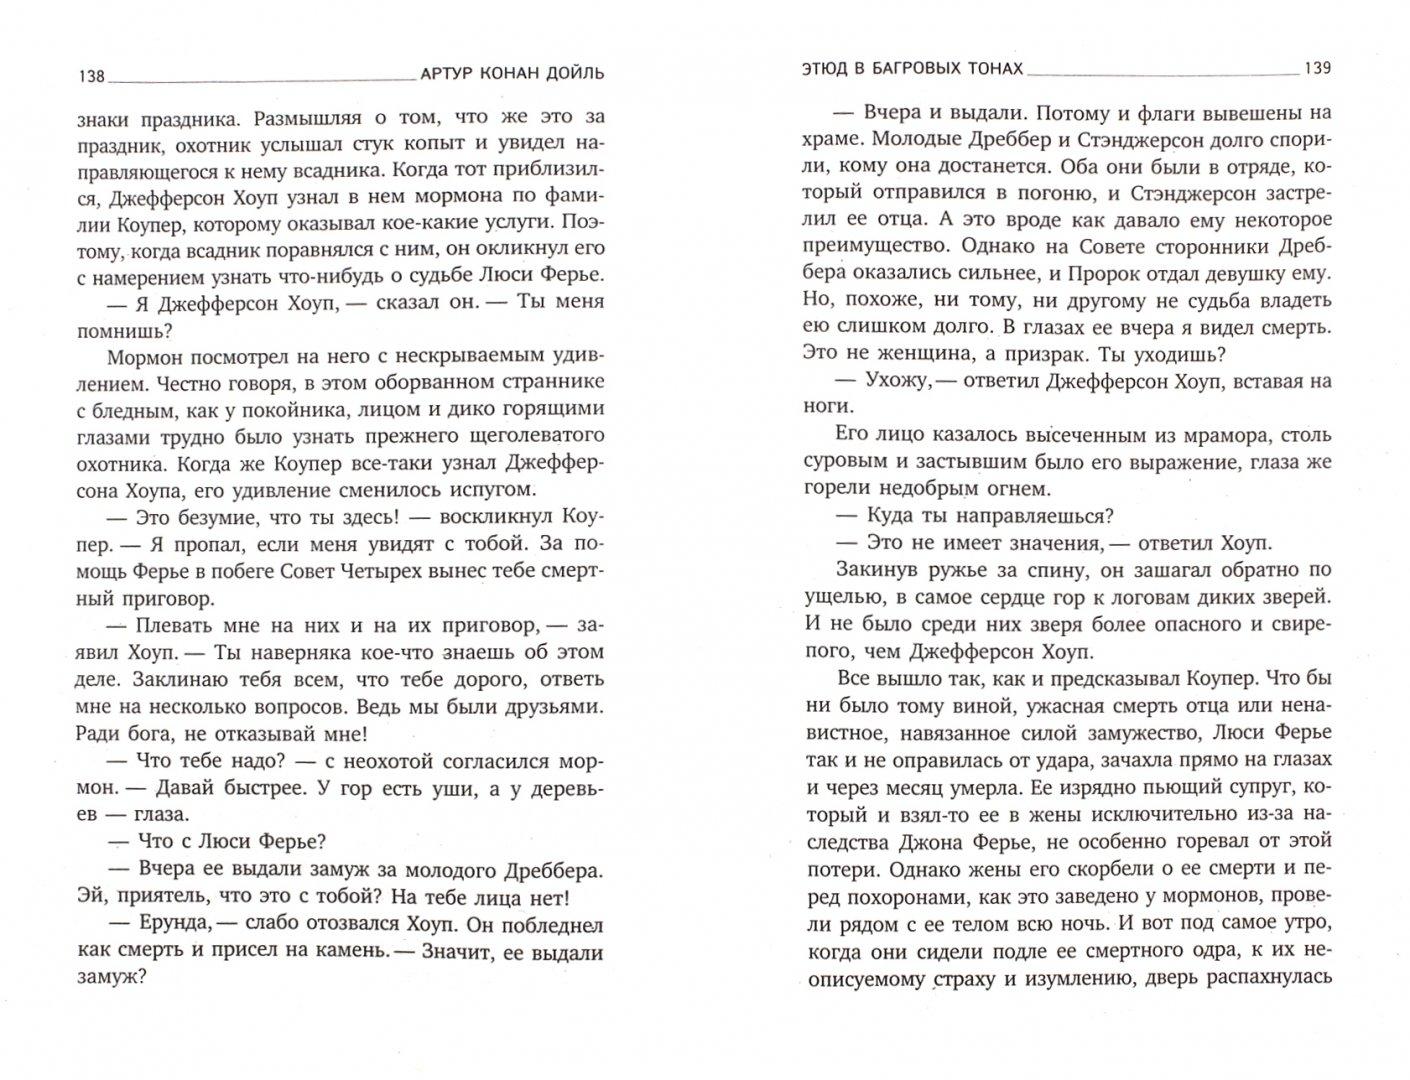 Иллюстрация 1 из 4 для Рассказы о Шерлоке Холмсе. Избранные произведения - Артур Дойл | Лабиринт - книги. Источник: Лабиринт